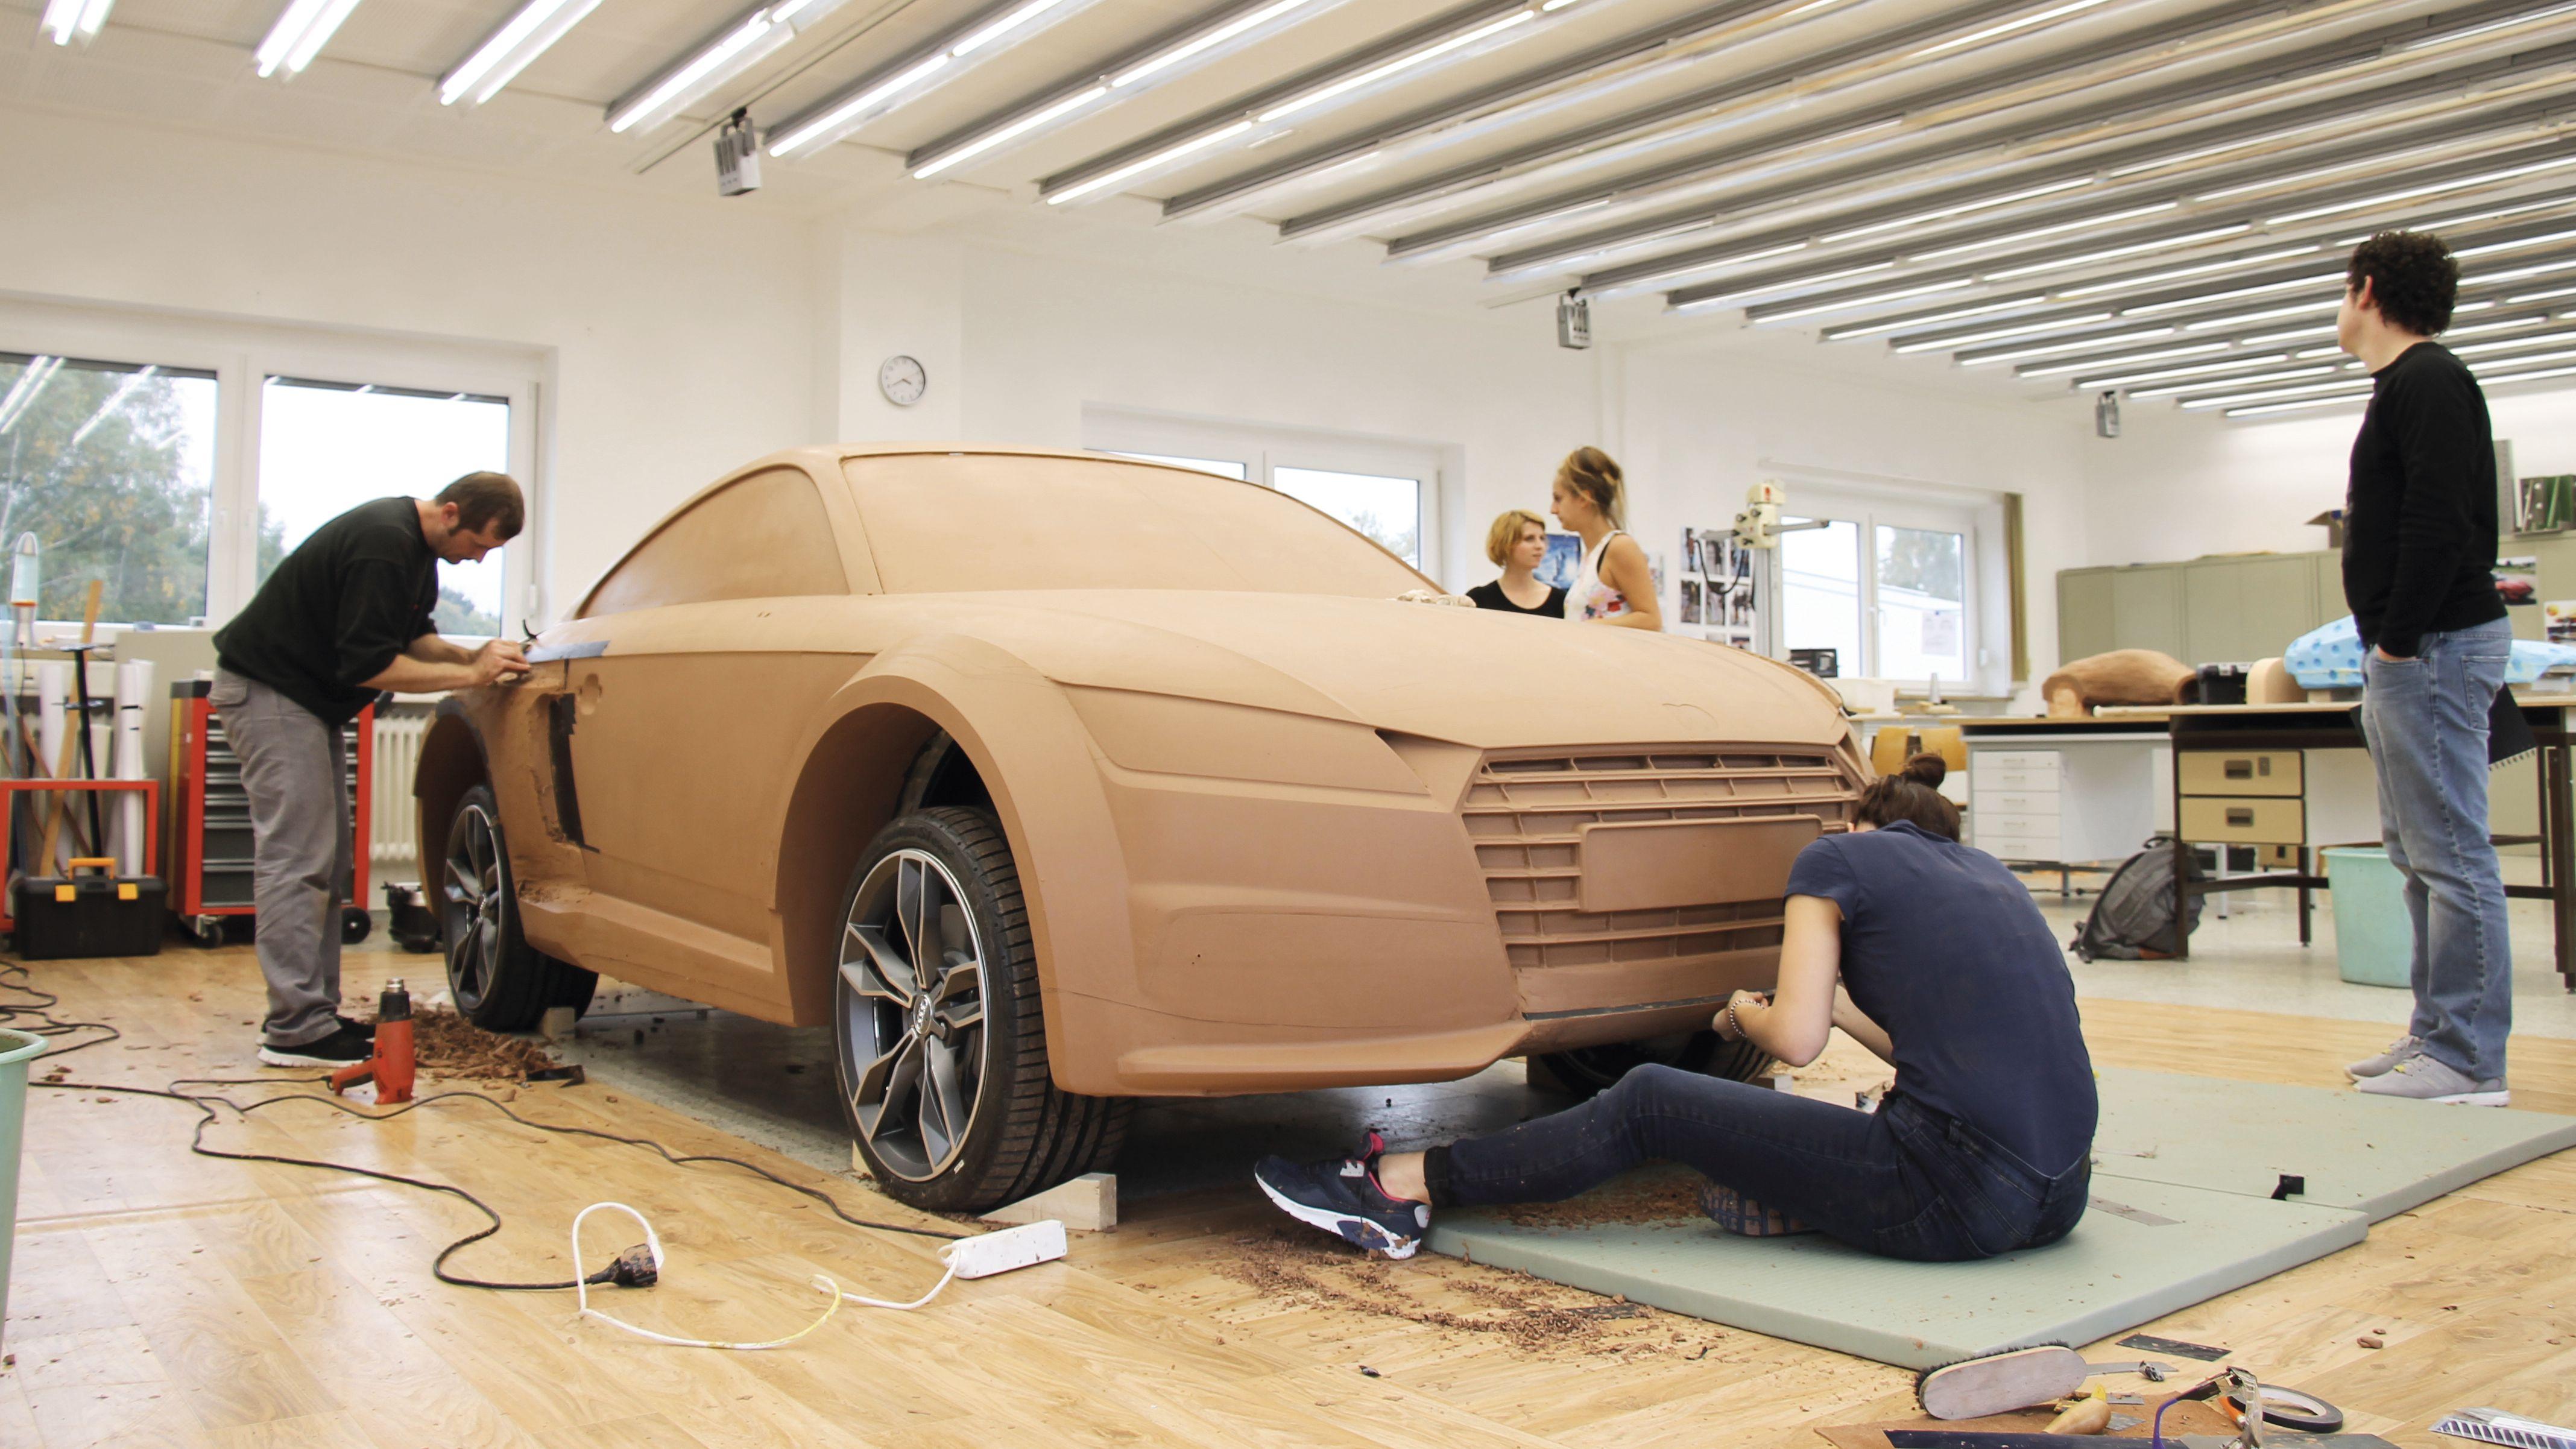 Studierende arbeiten an der Karosserie eines Autos